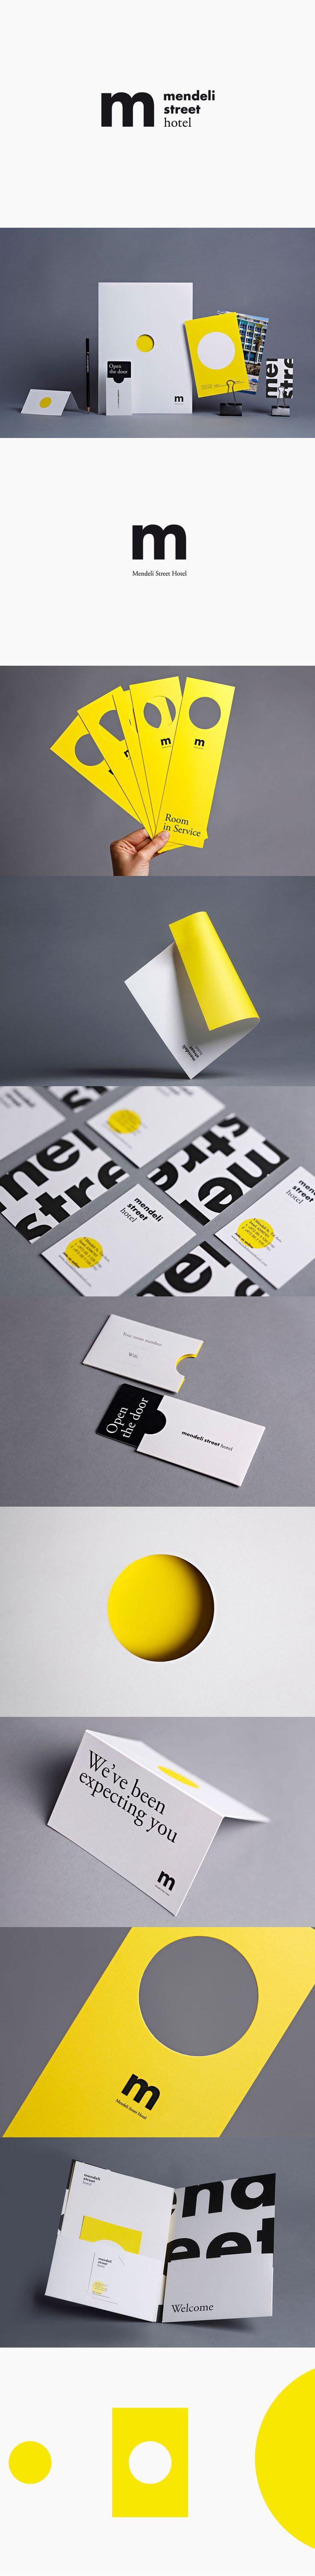 Mendeli Street Branding by Koniak